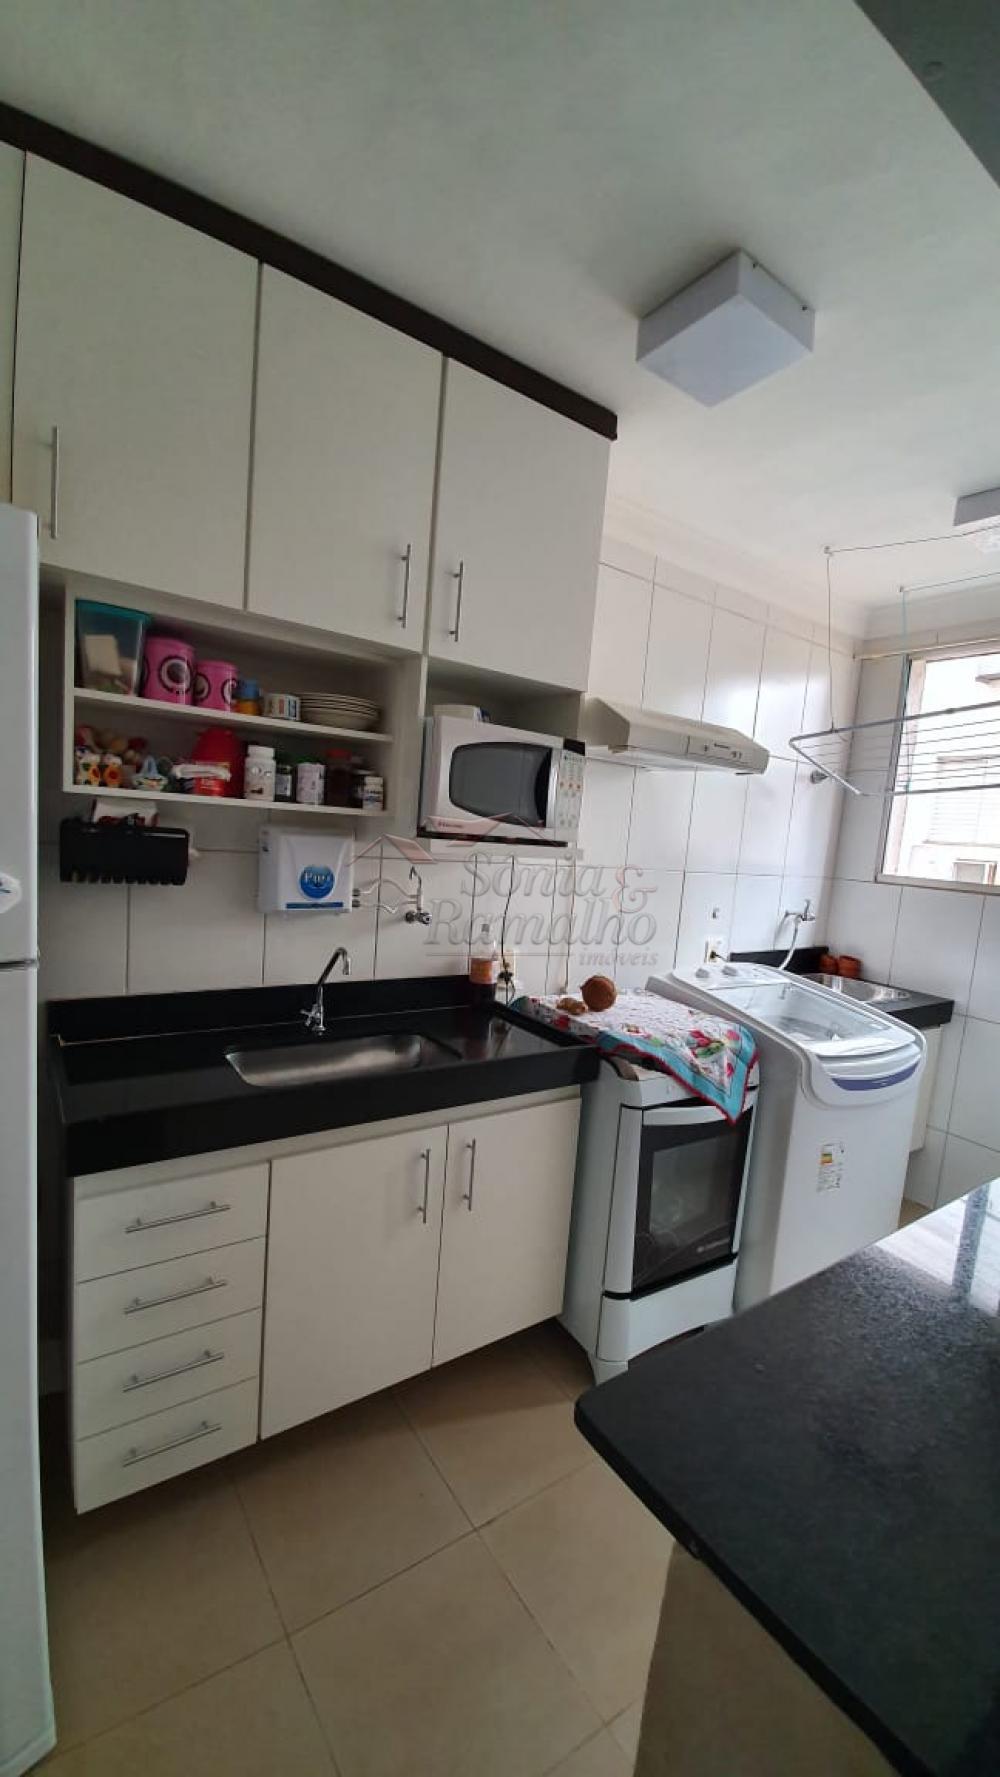 Comprar Apartamentos / Padrão em Ribeirão Preto apenas R$ 175.000,00 - Foto 8